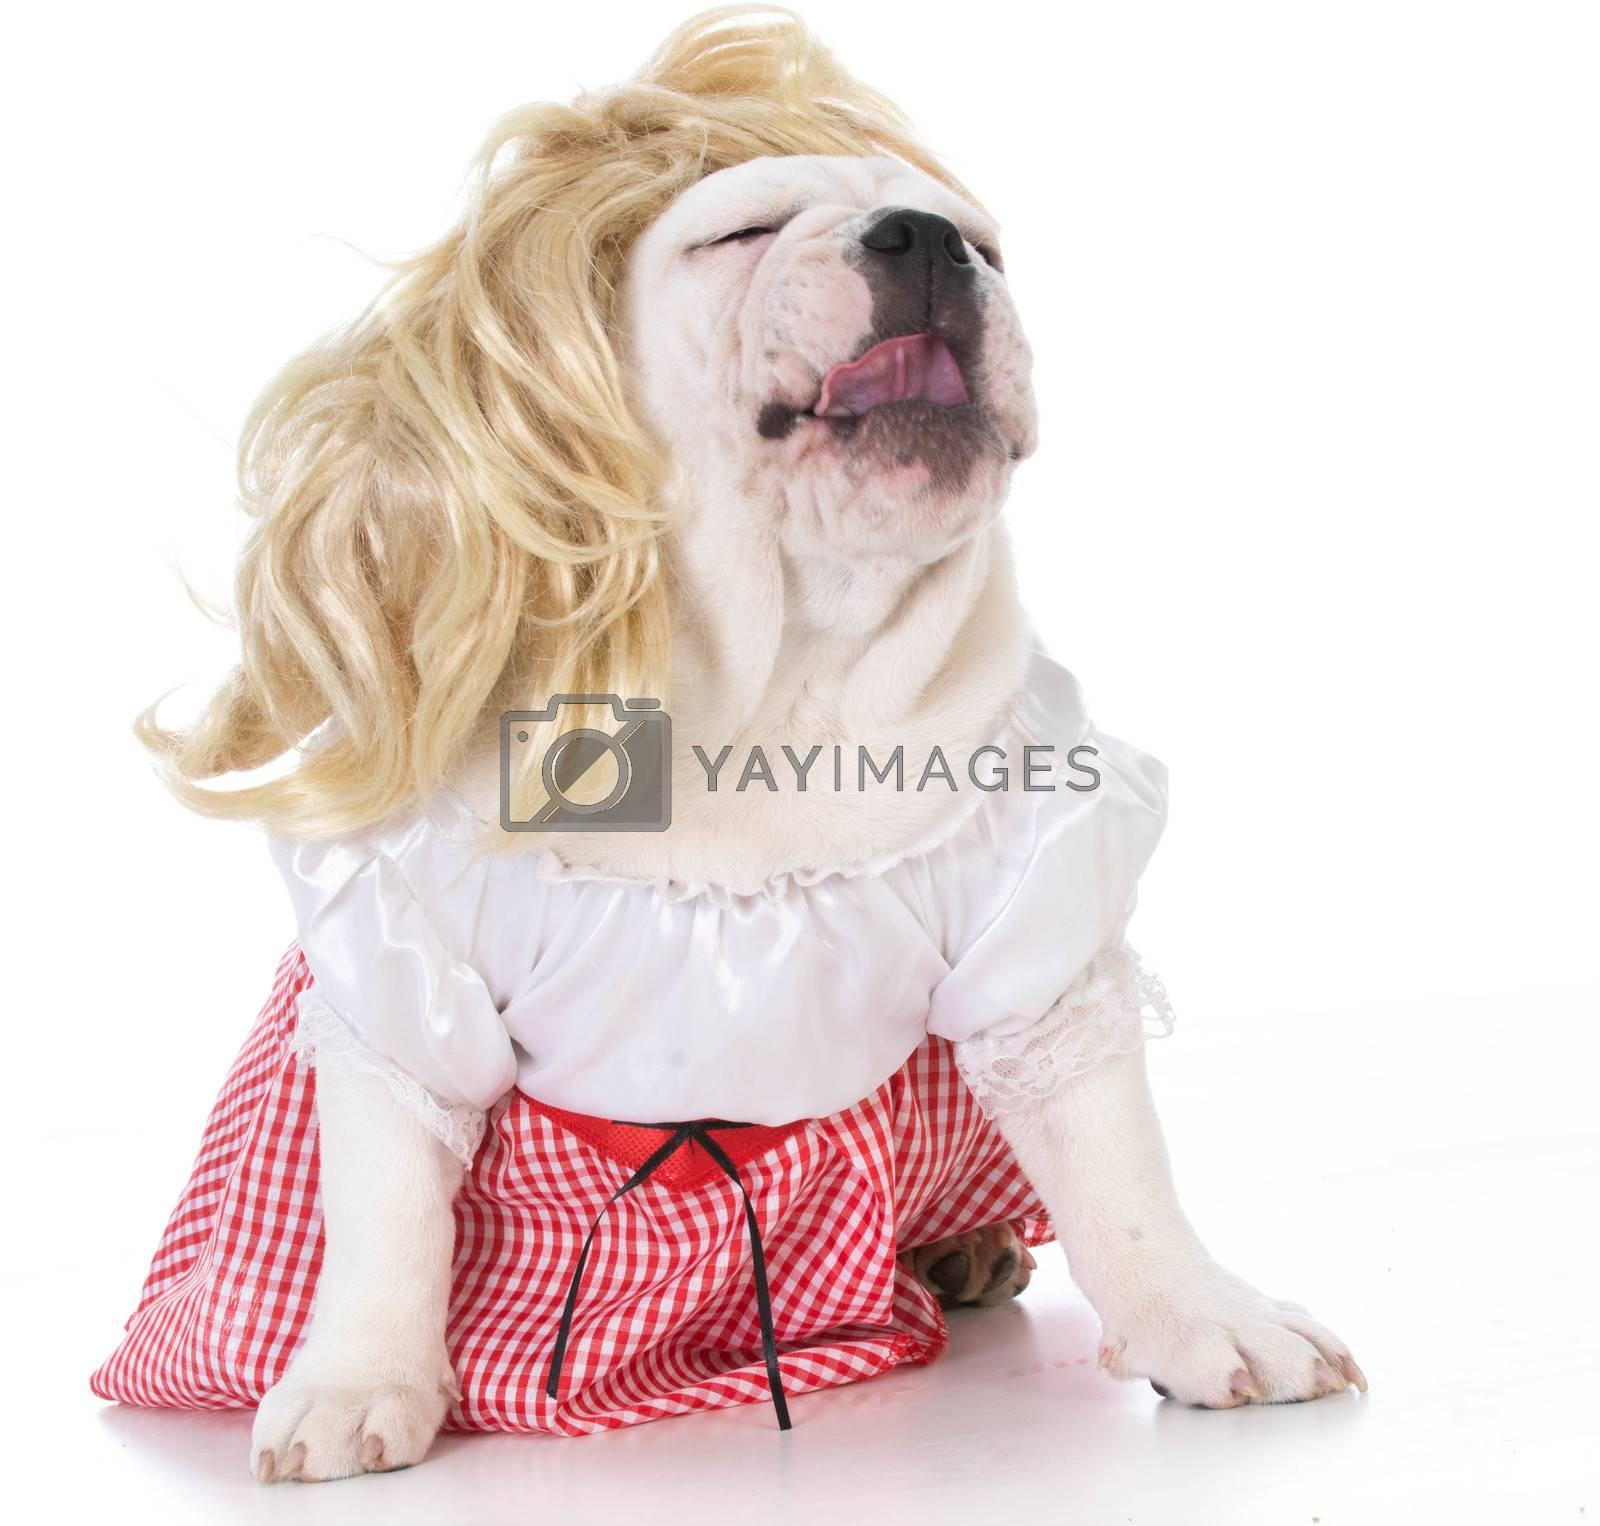 female english bulldog laughing on white background